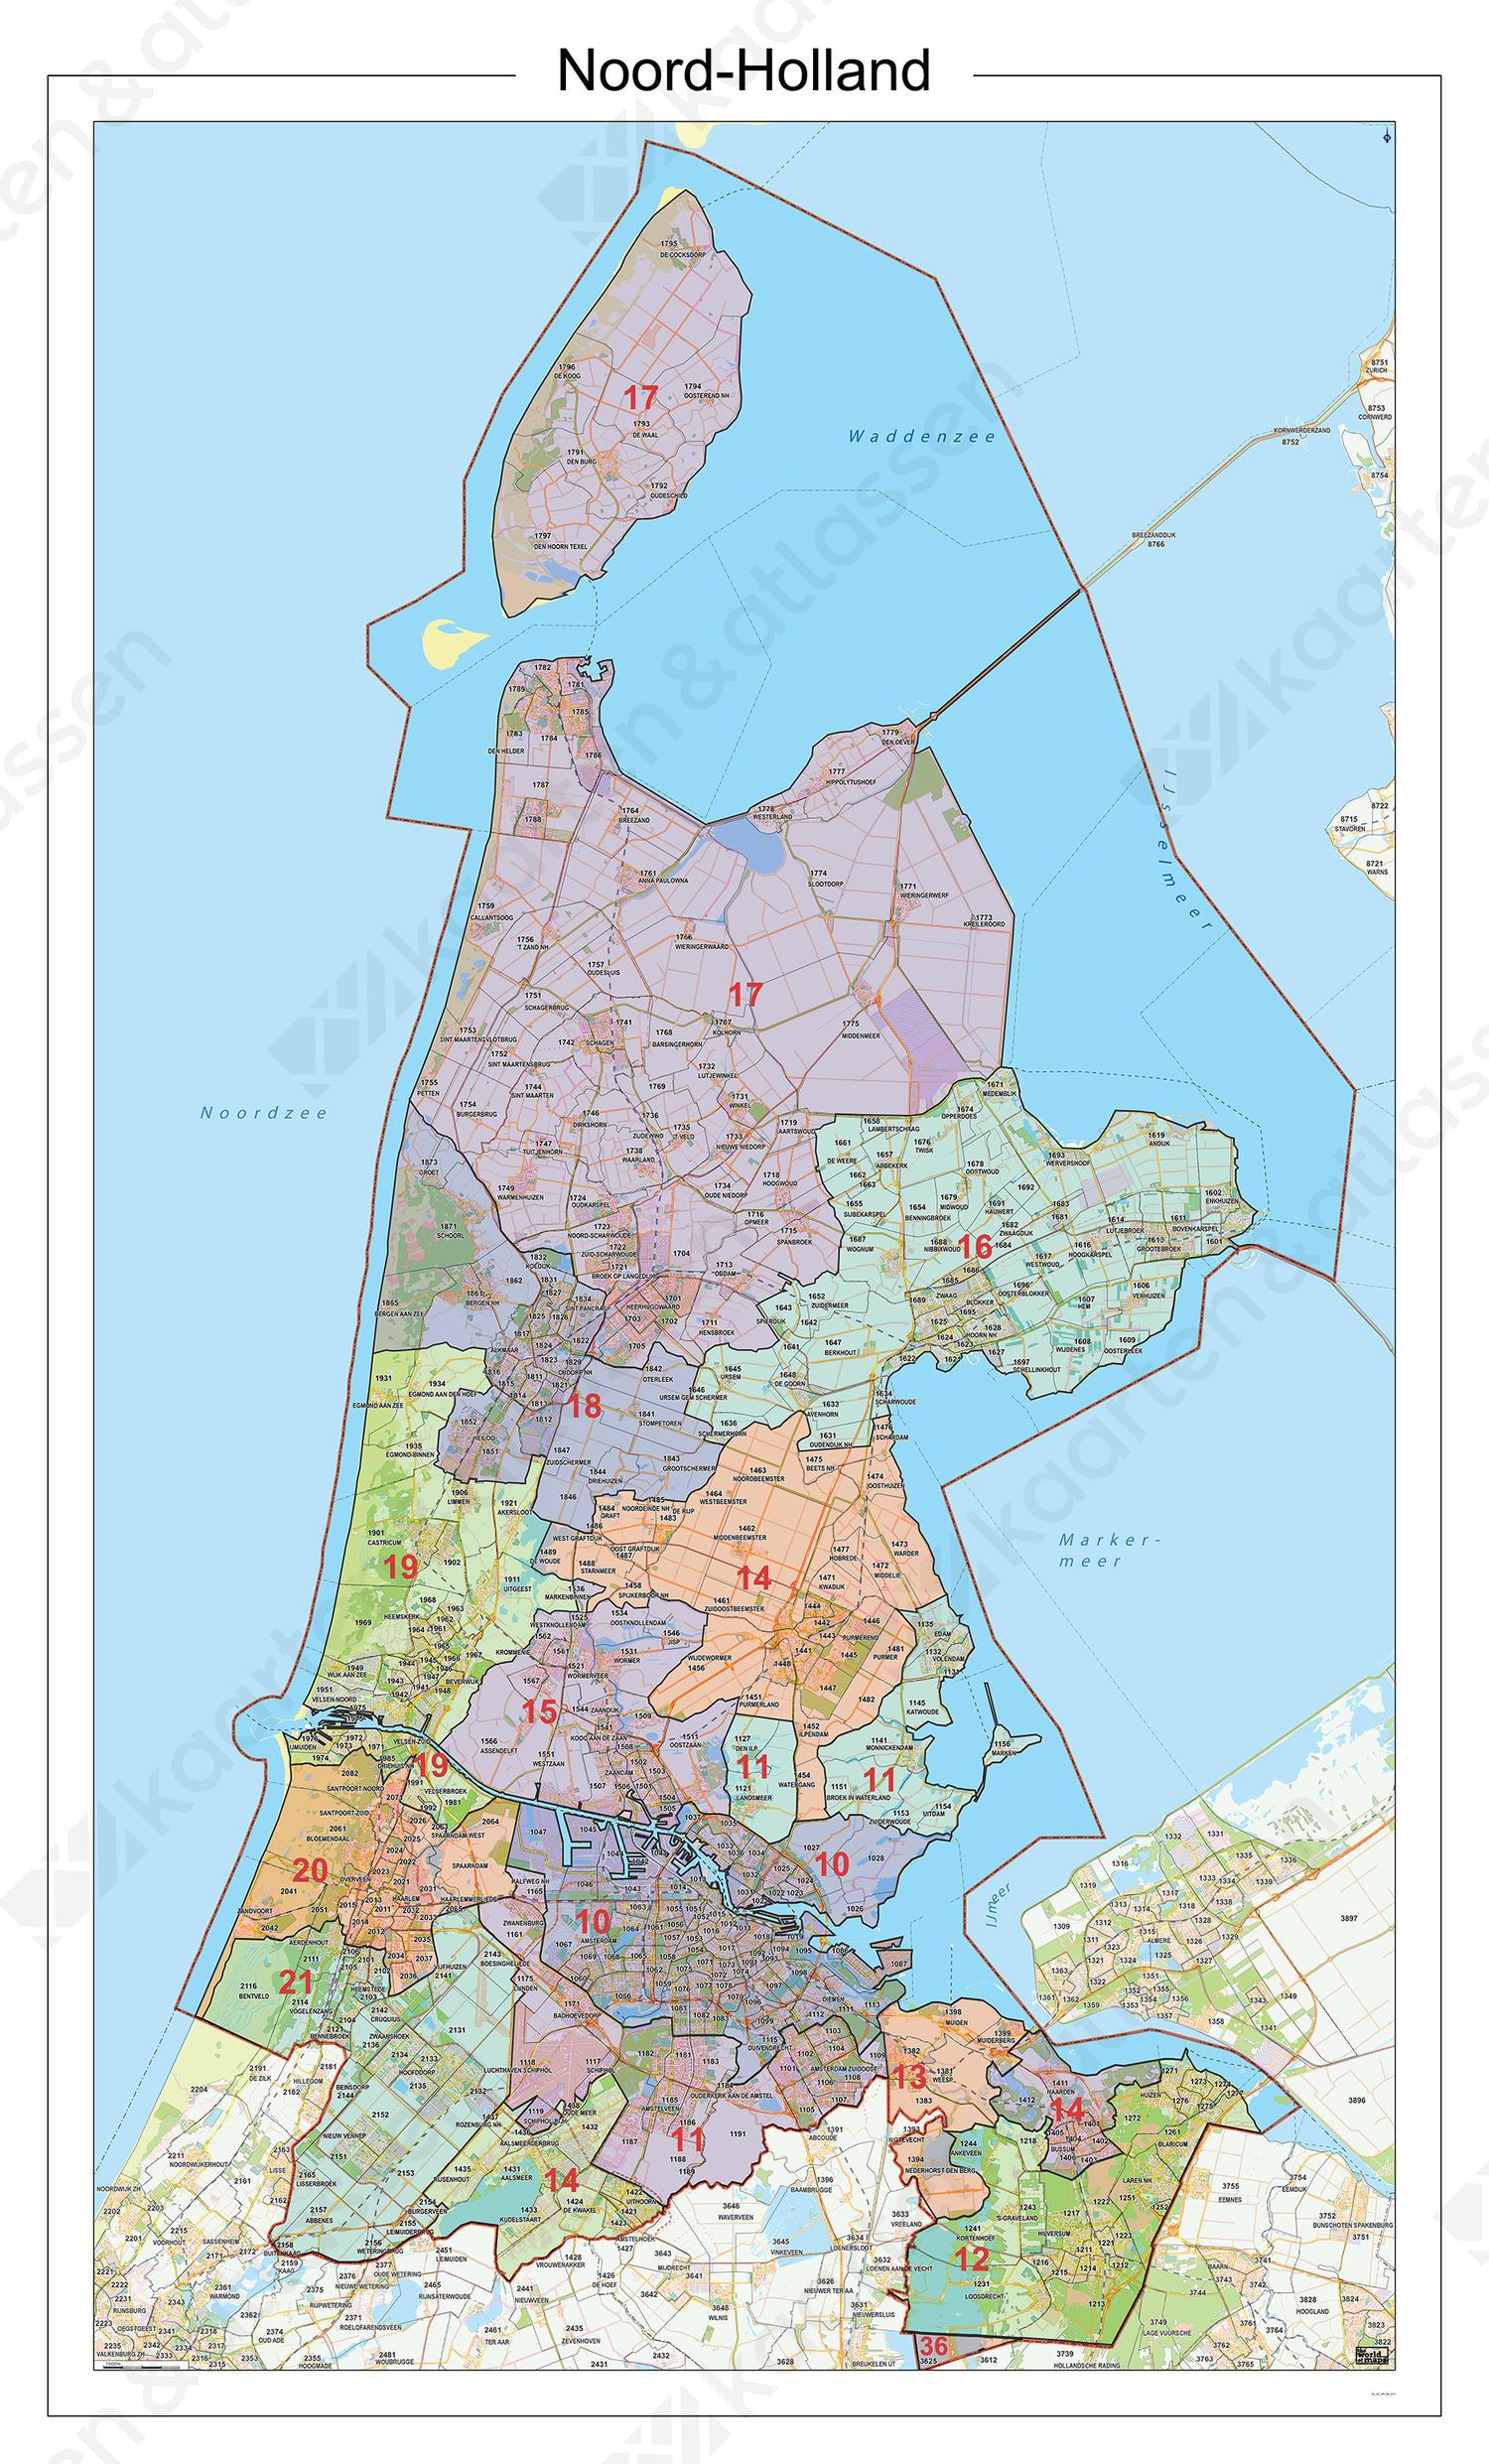 Digitale Postcodekaart Provincie Noord-Holland